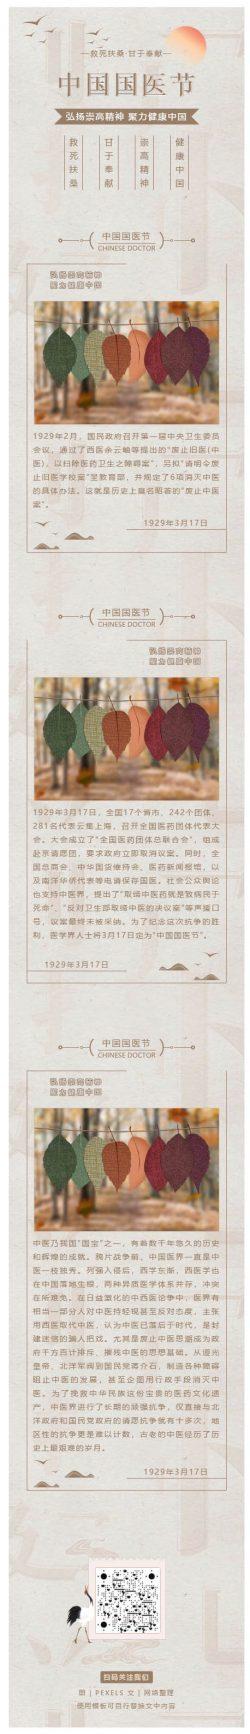 中国国医节中医中国风图文模板水墨传统微信推文素材